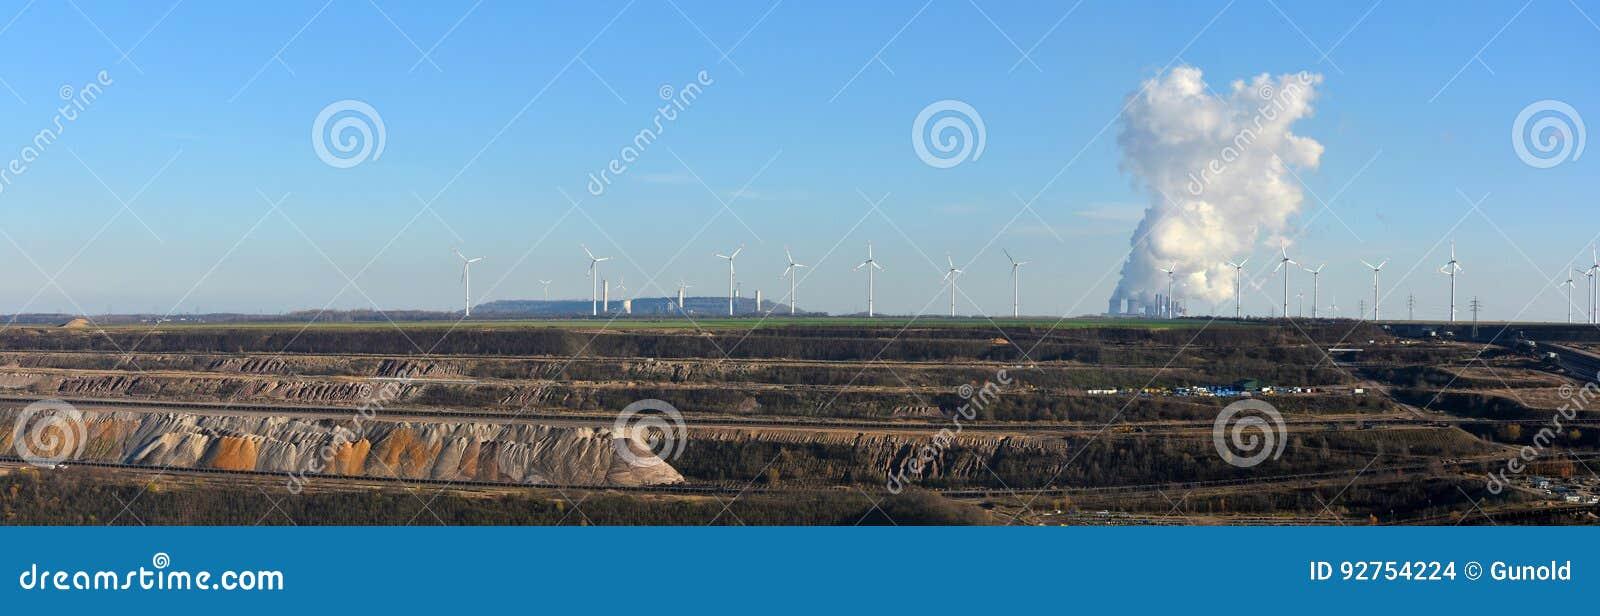 Panoramablicktagebaubergbau, Kraftwerk und Windenergie